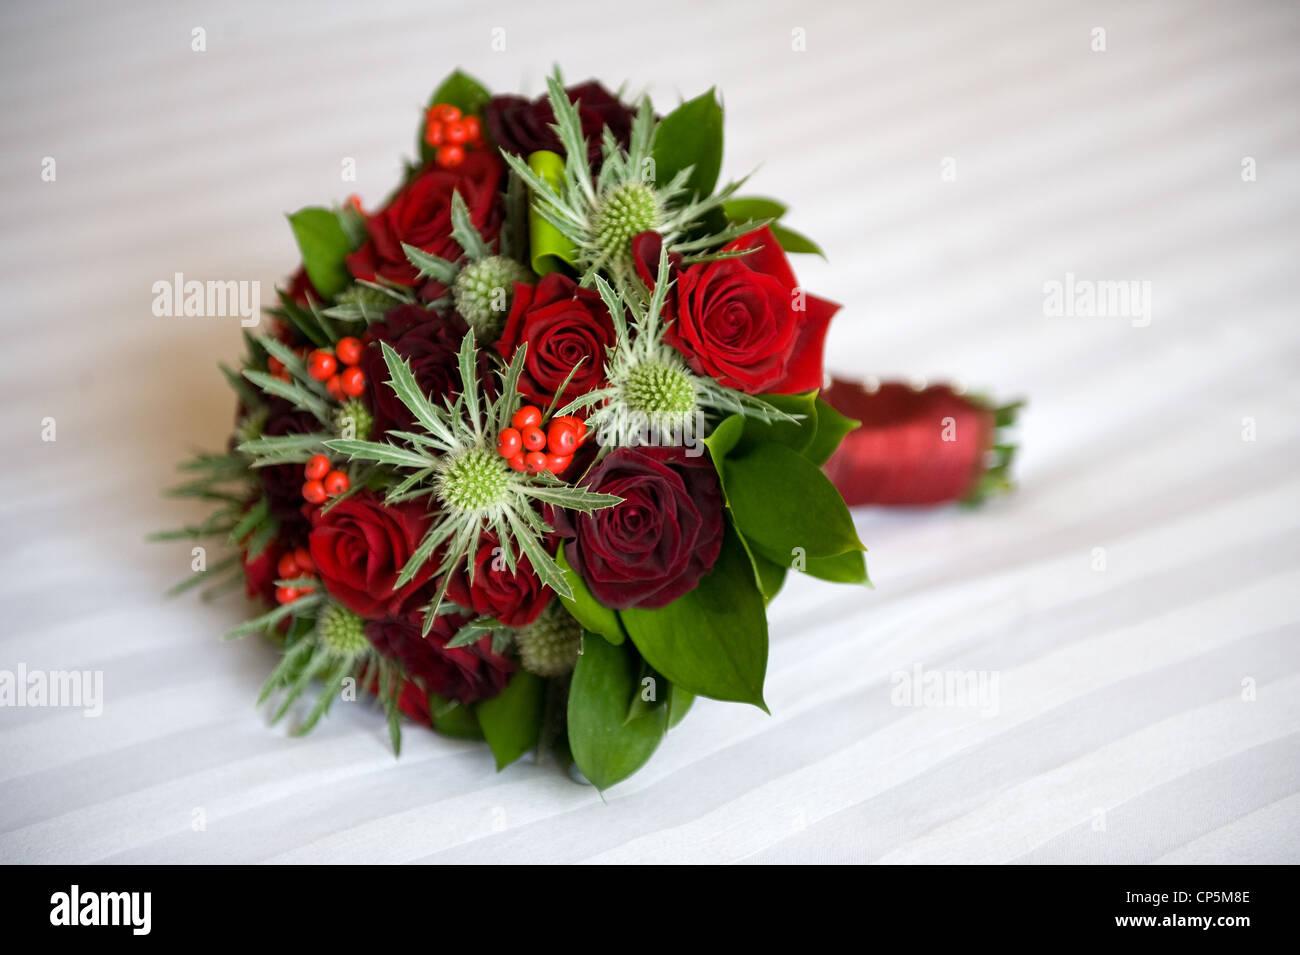 Un mariage bouquet de roses rouges et eryngium Photo Stock